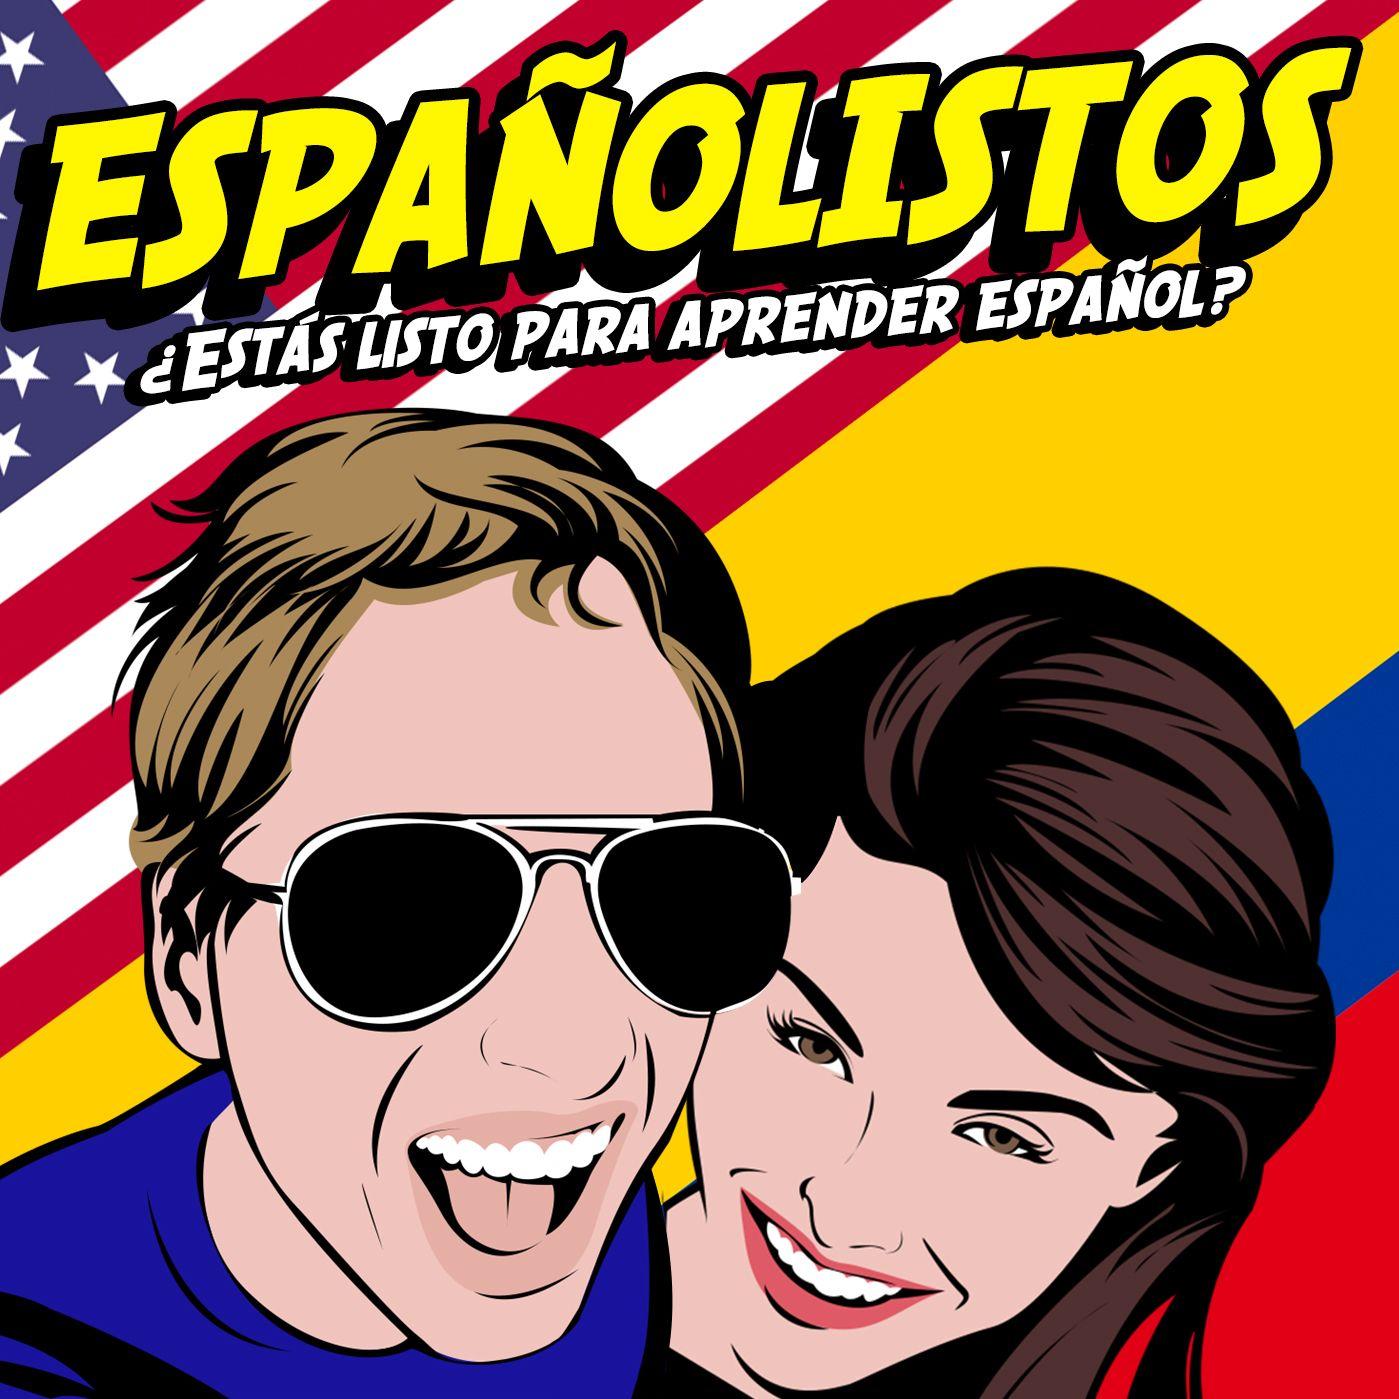 Episodio 096 - Datos Curiosos De 9 Países Latinos